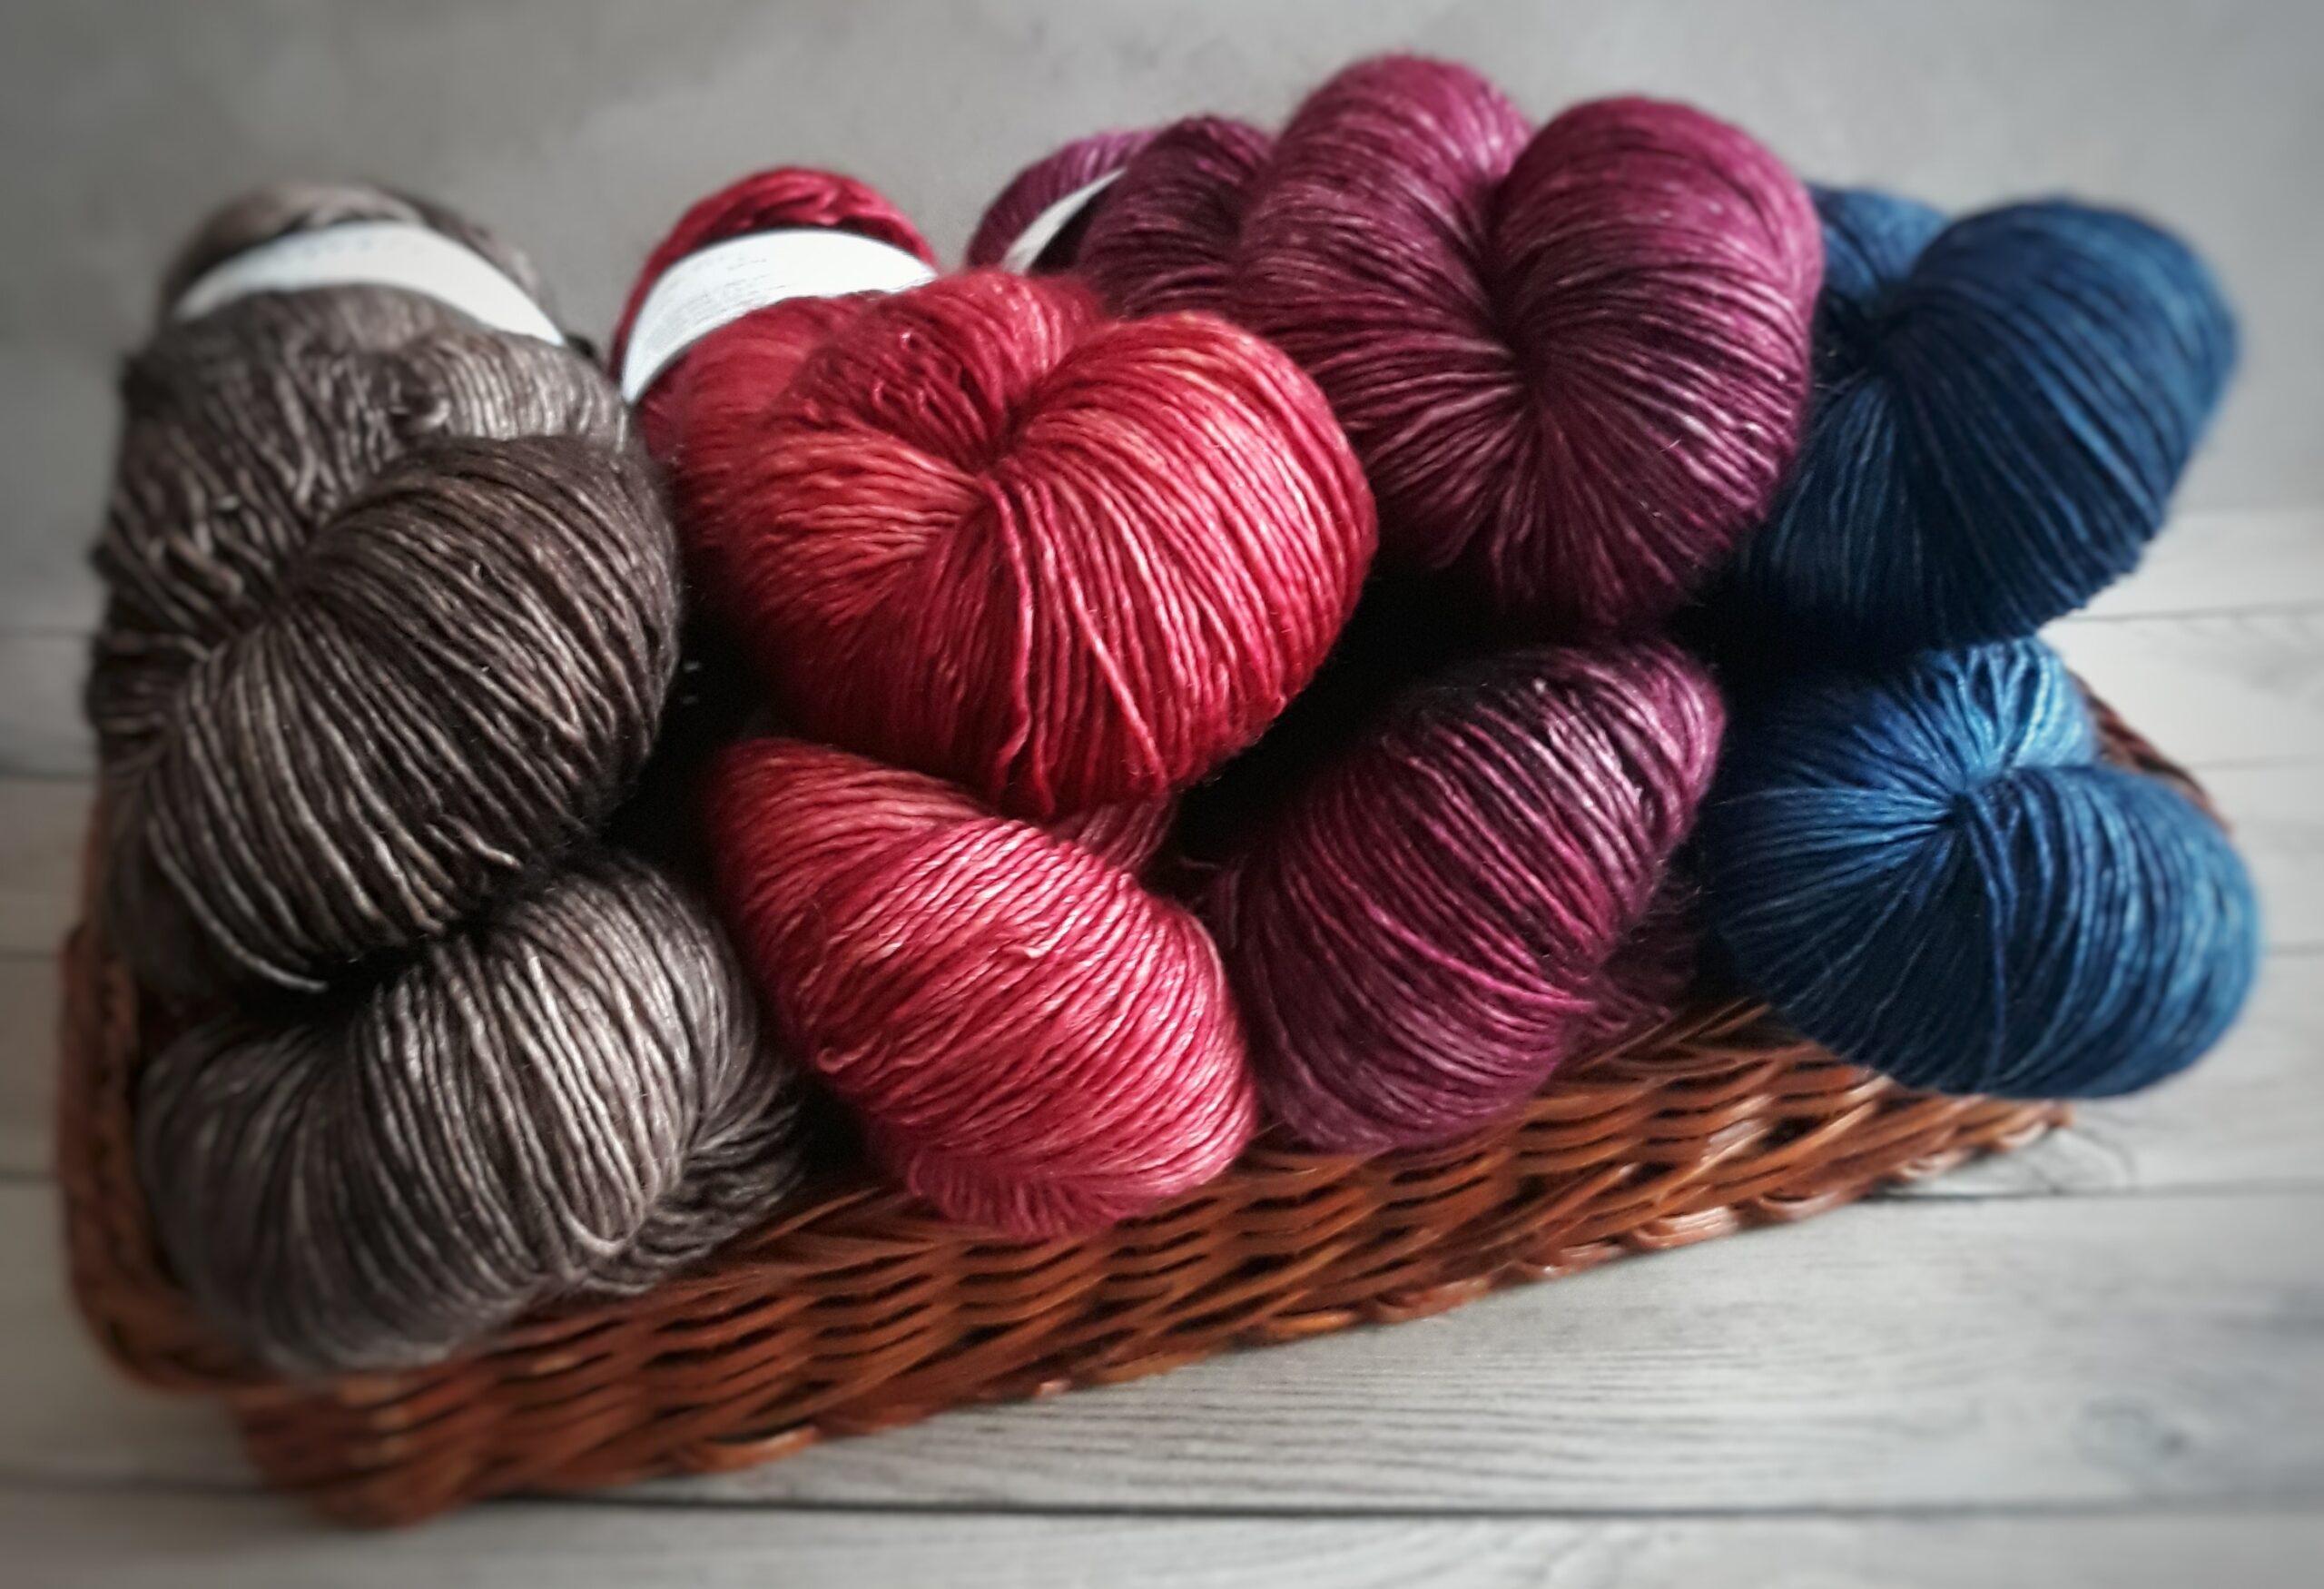 Wool skeins by Surene Palvie pexels.com